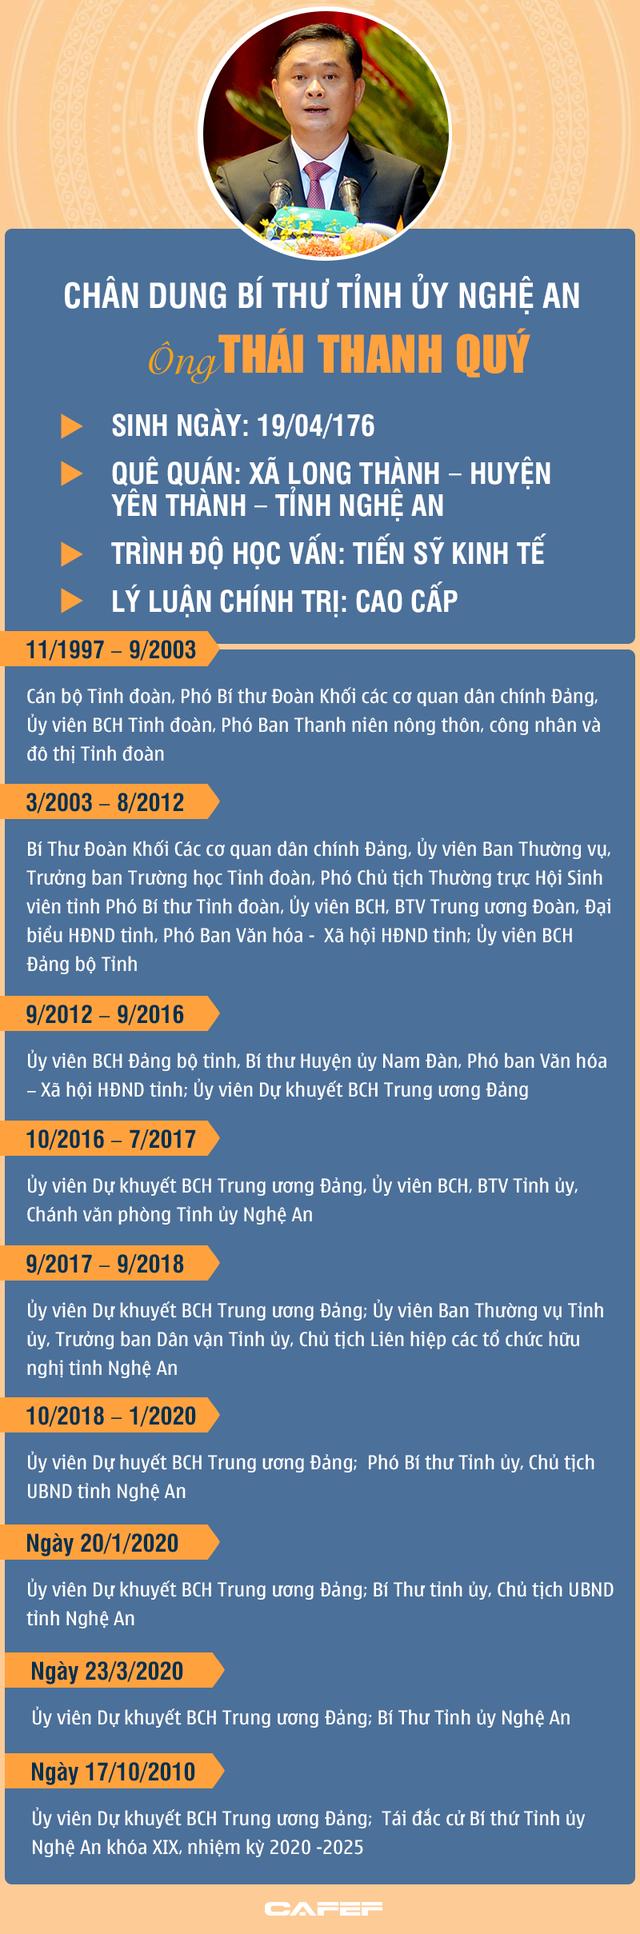 [Infographic]: Chân dung Bí thư Tỉnh ủy Nghệ An Thái Thanh Quý  - Ảnh 1.